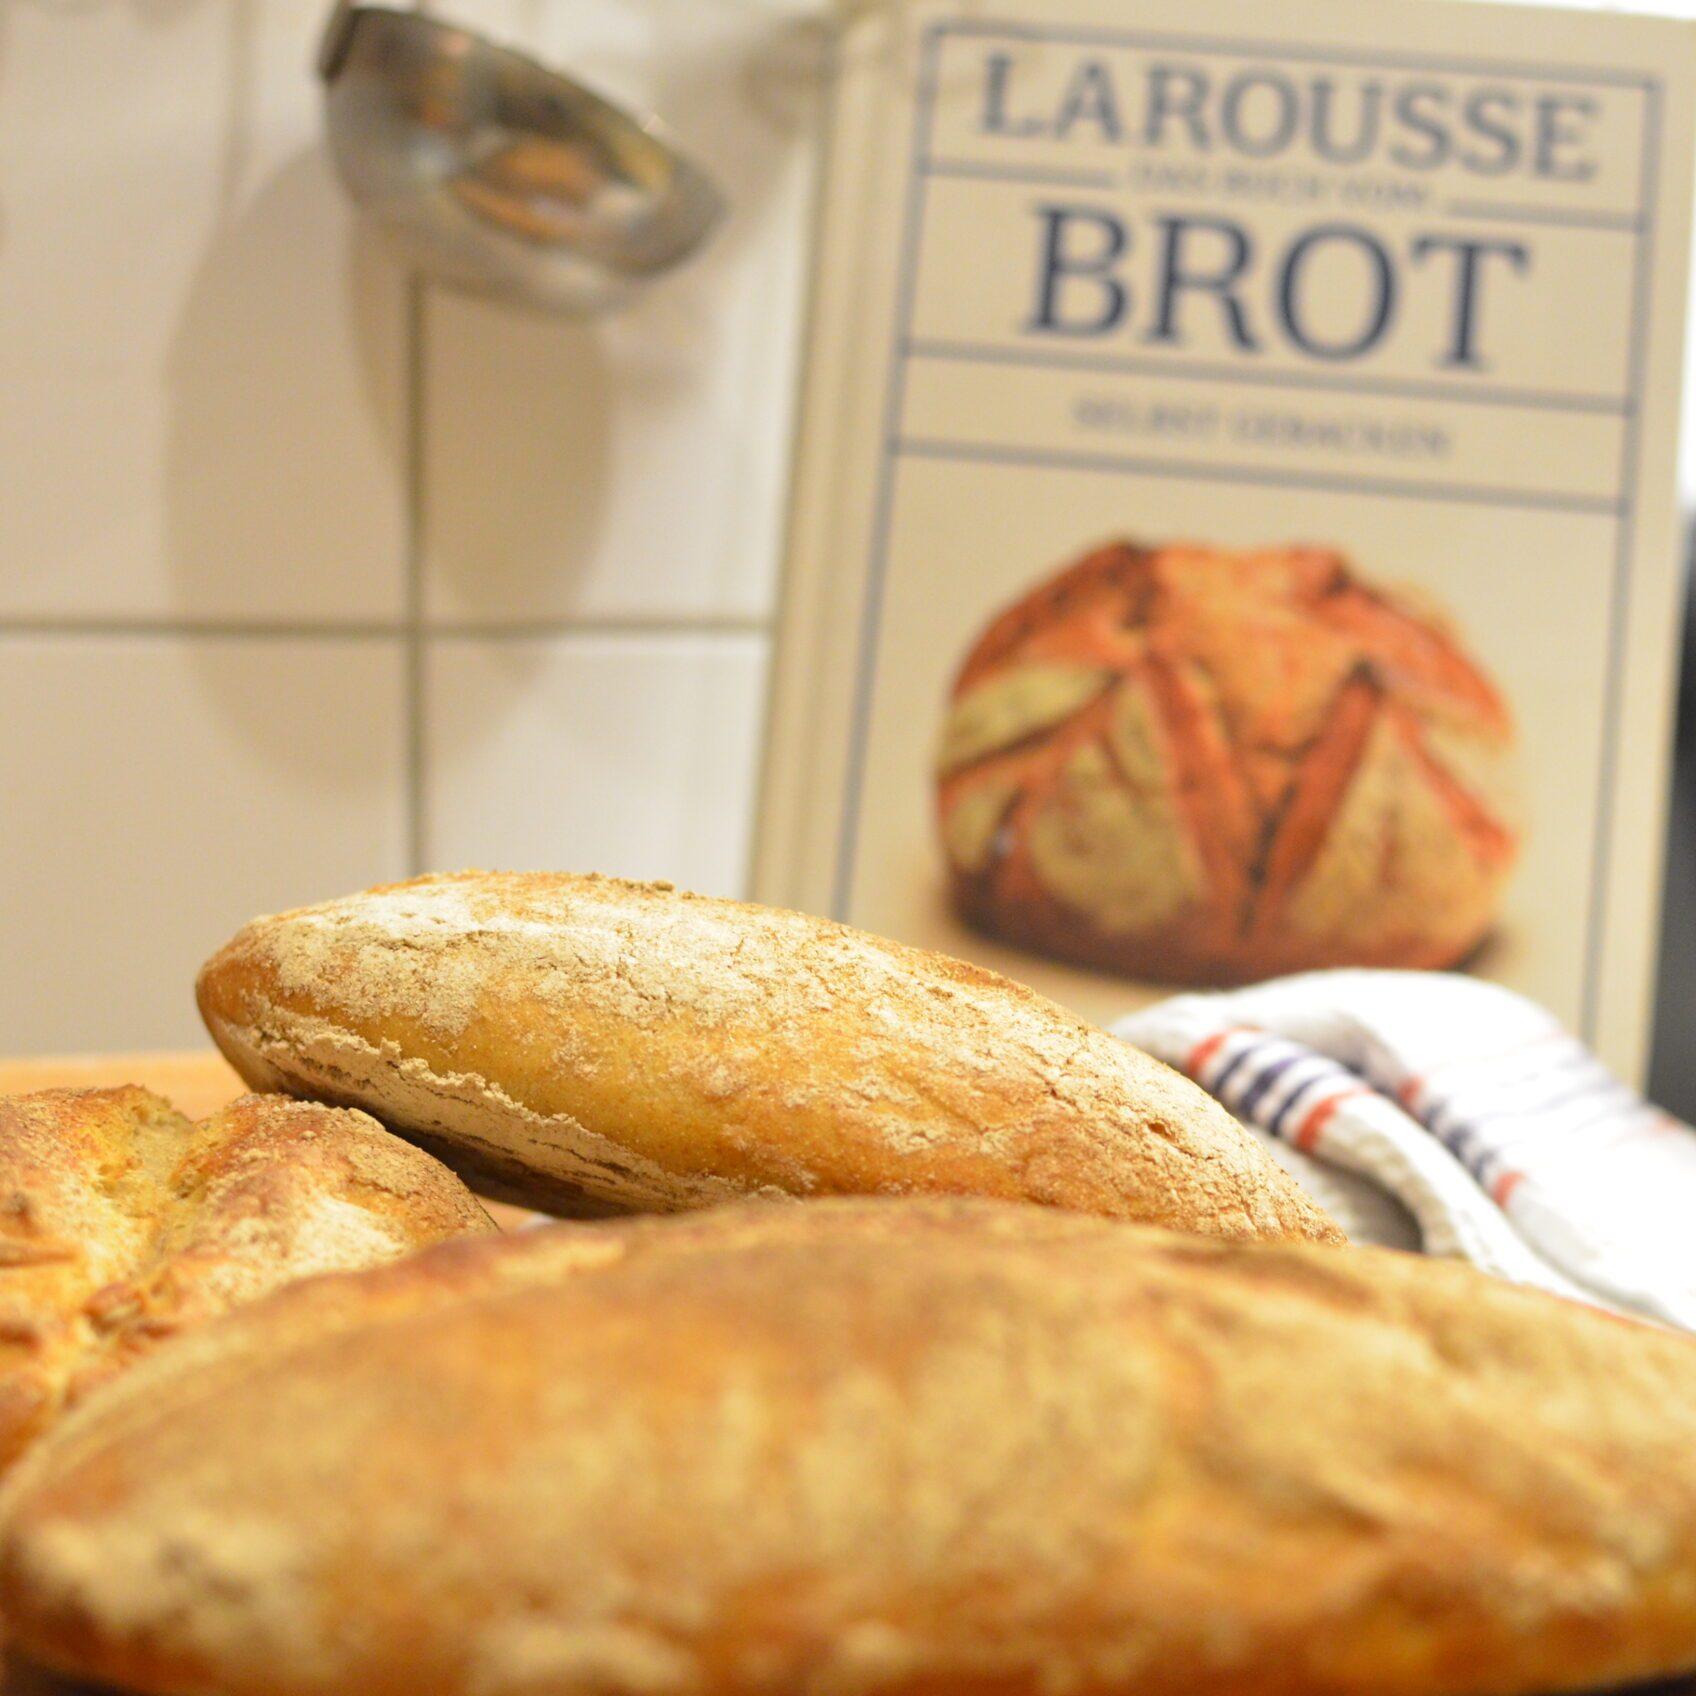 Nahaufnahme von Broten. Im Hintergrund leicht unscharf ein Brotbackbuch